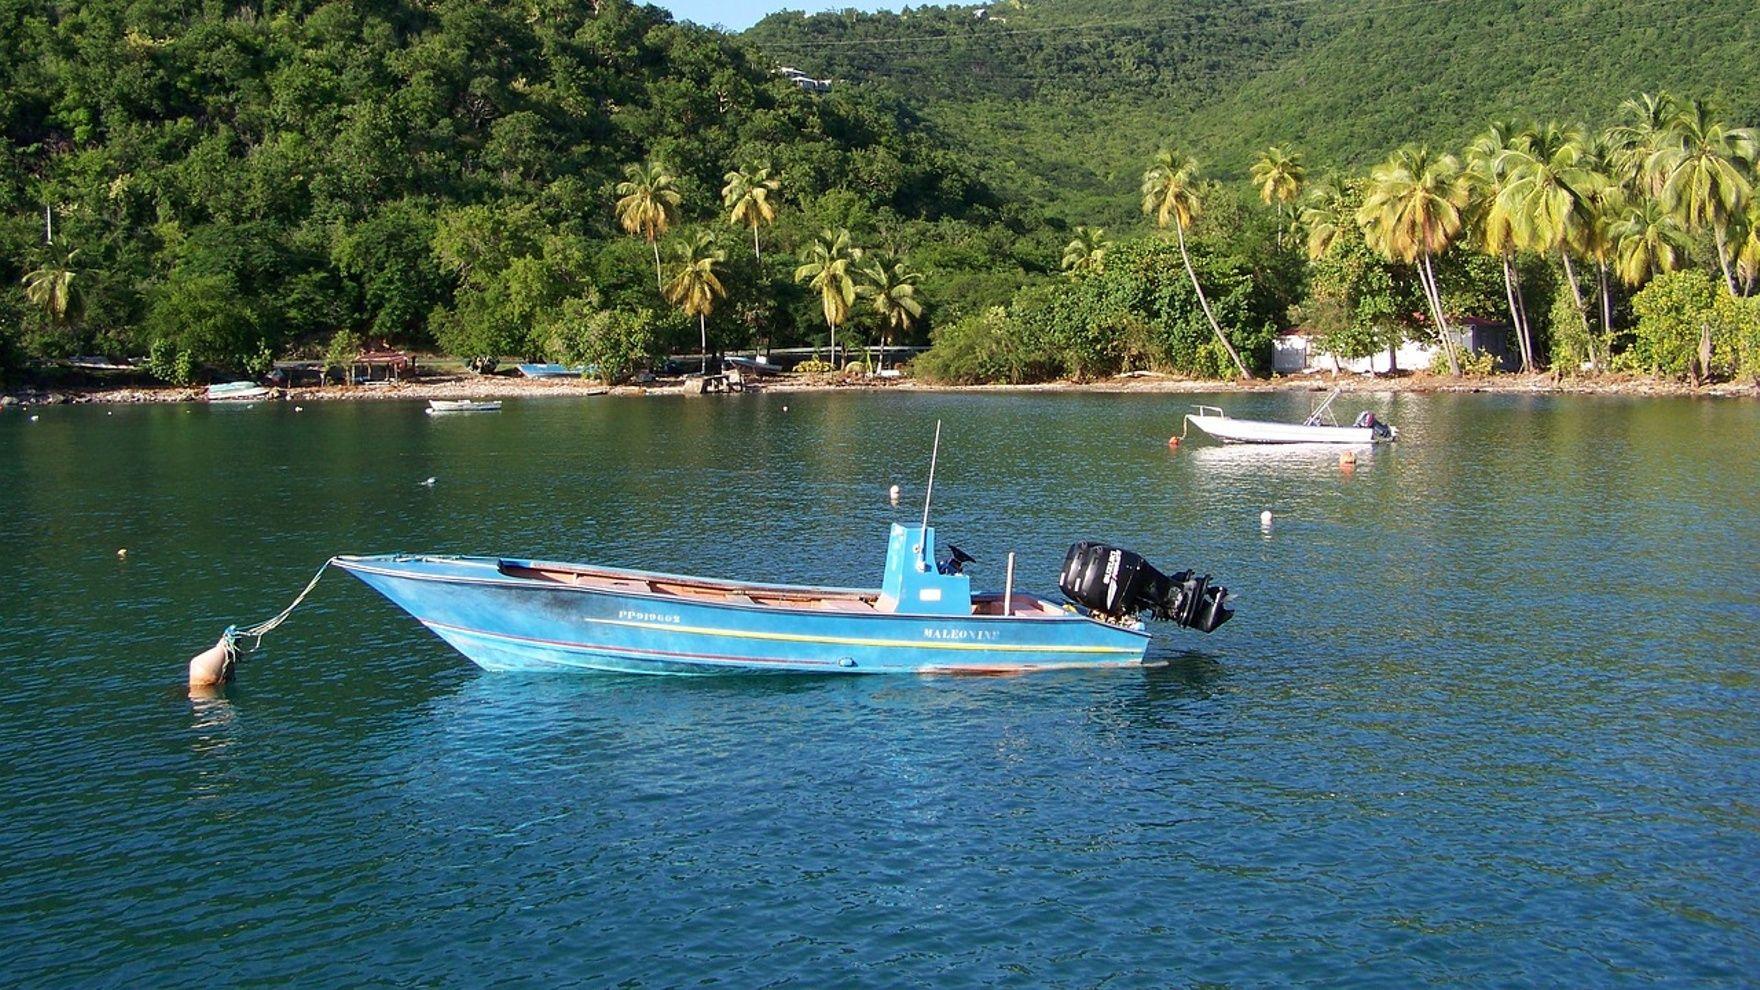 Barbados— Saint Martin cruise